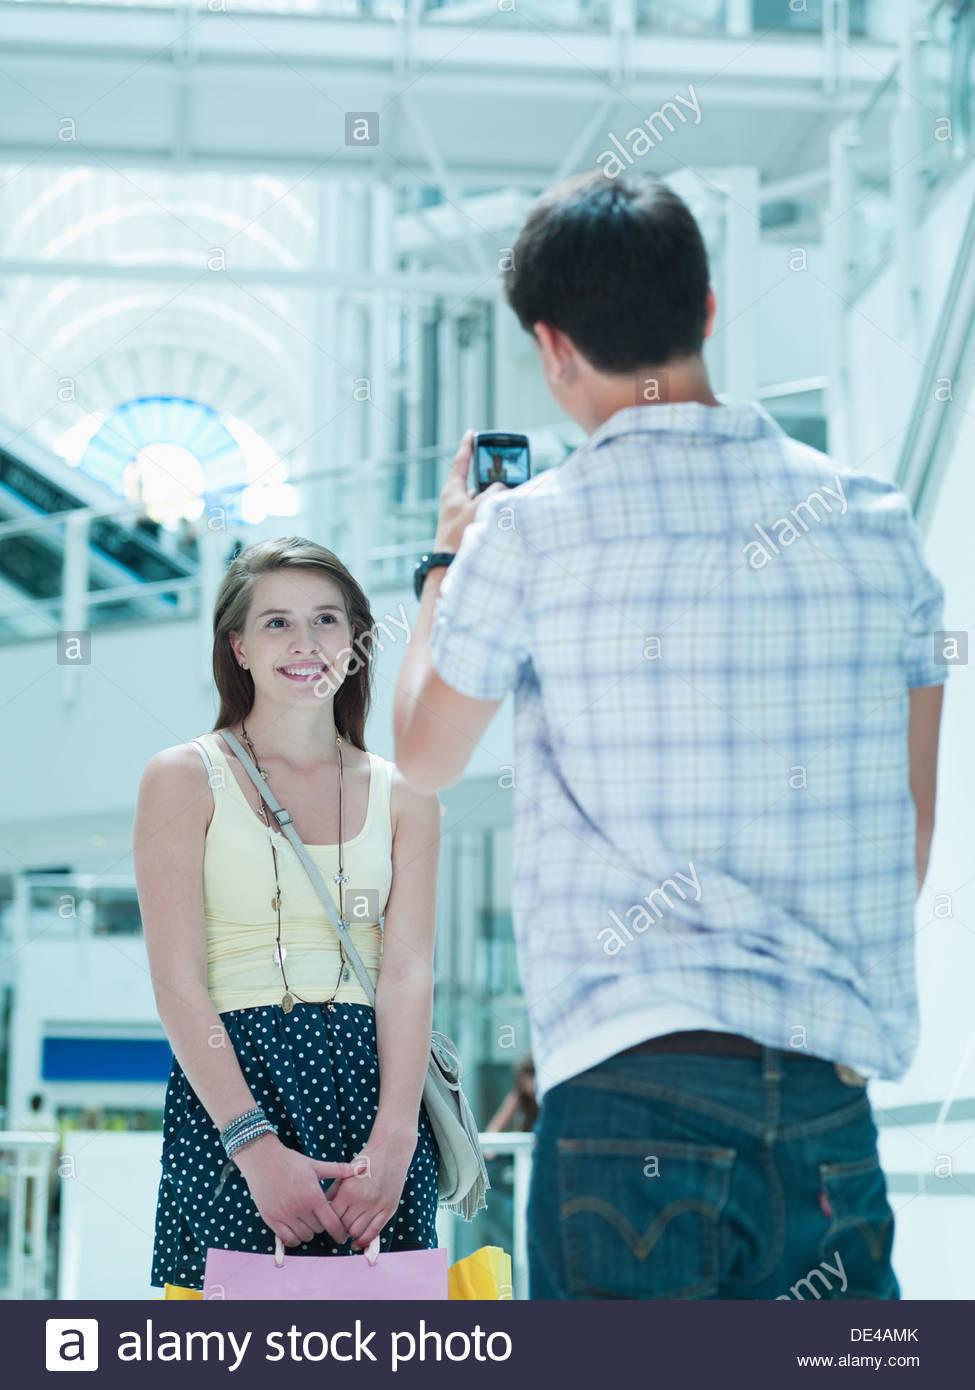 L'uomo prendendo fotografia della fidanzata nel centro commerciale per lo shopping Immagini Stock